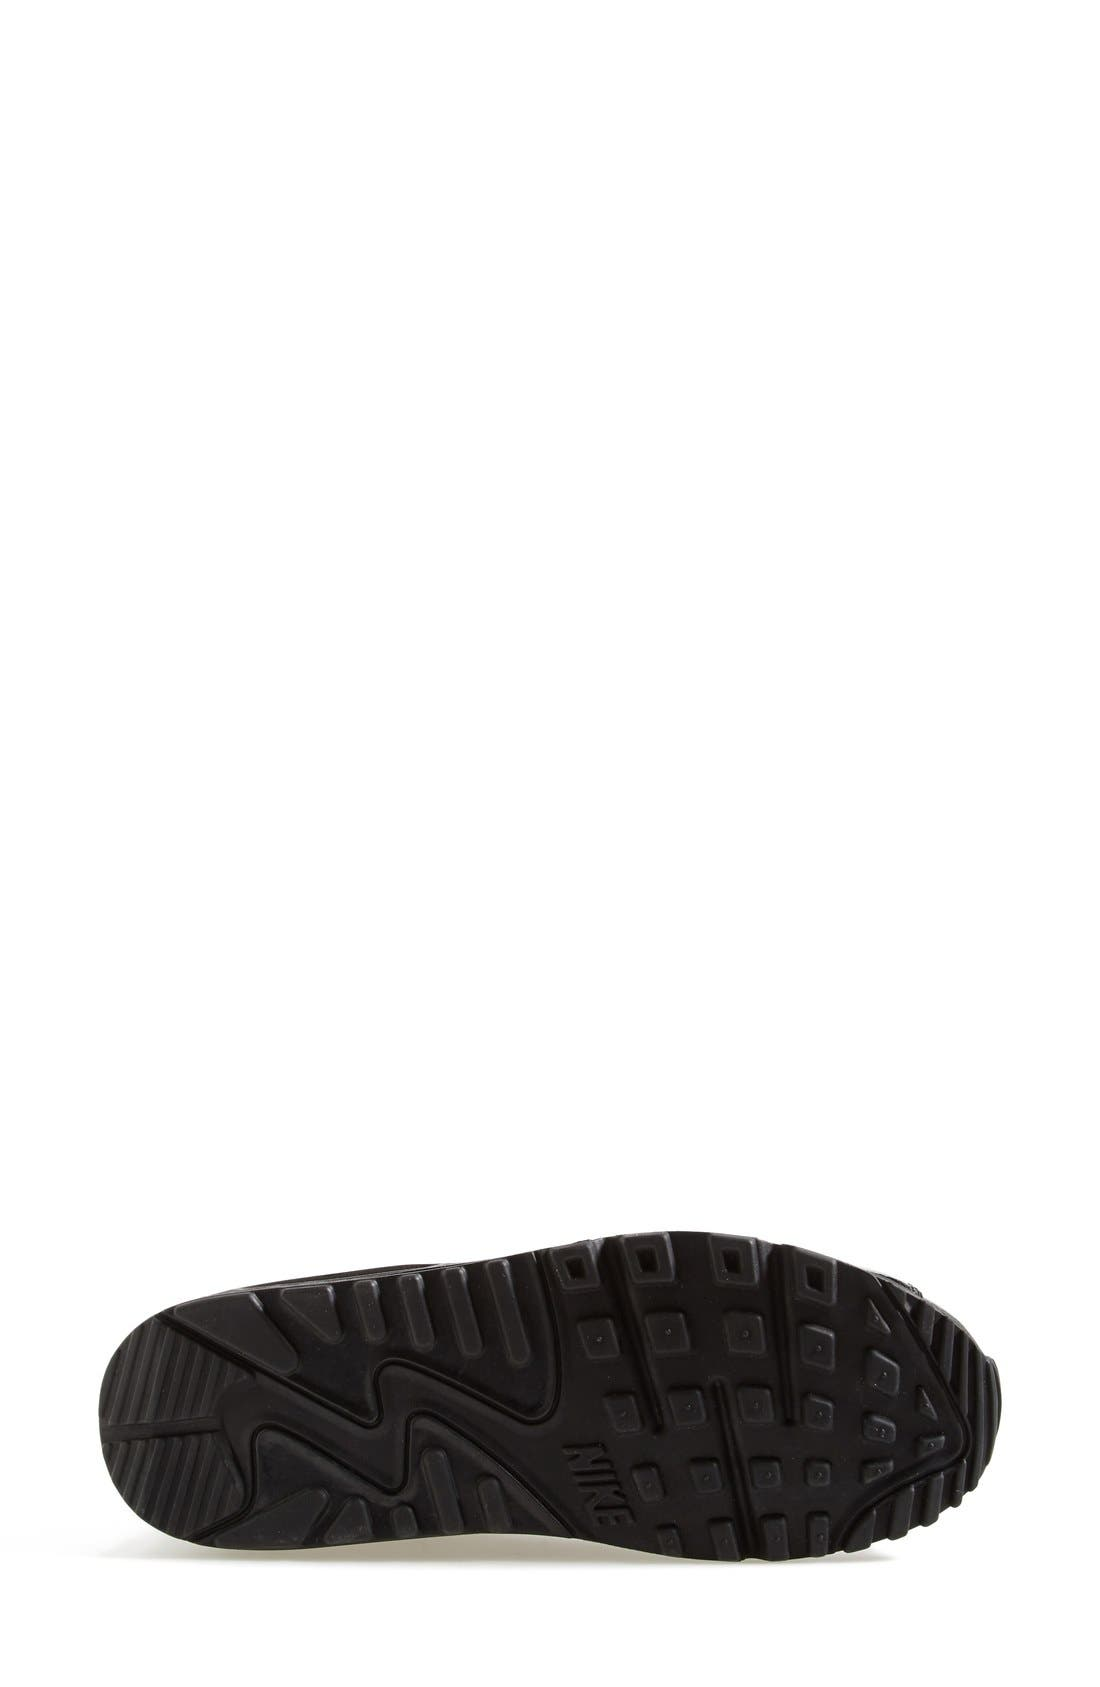 NIKE, 'Air Max 90 - Premium' Sneaker, Alternate thumbnail 2, color, 002